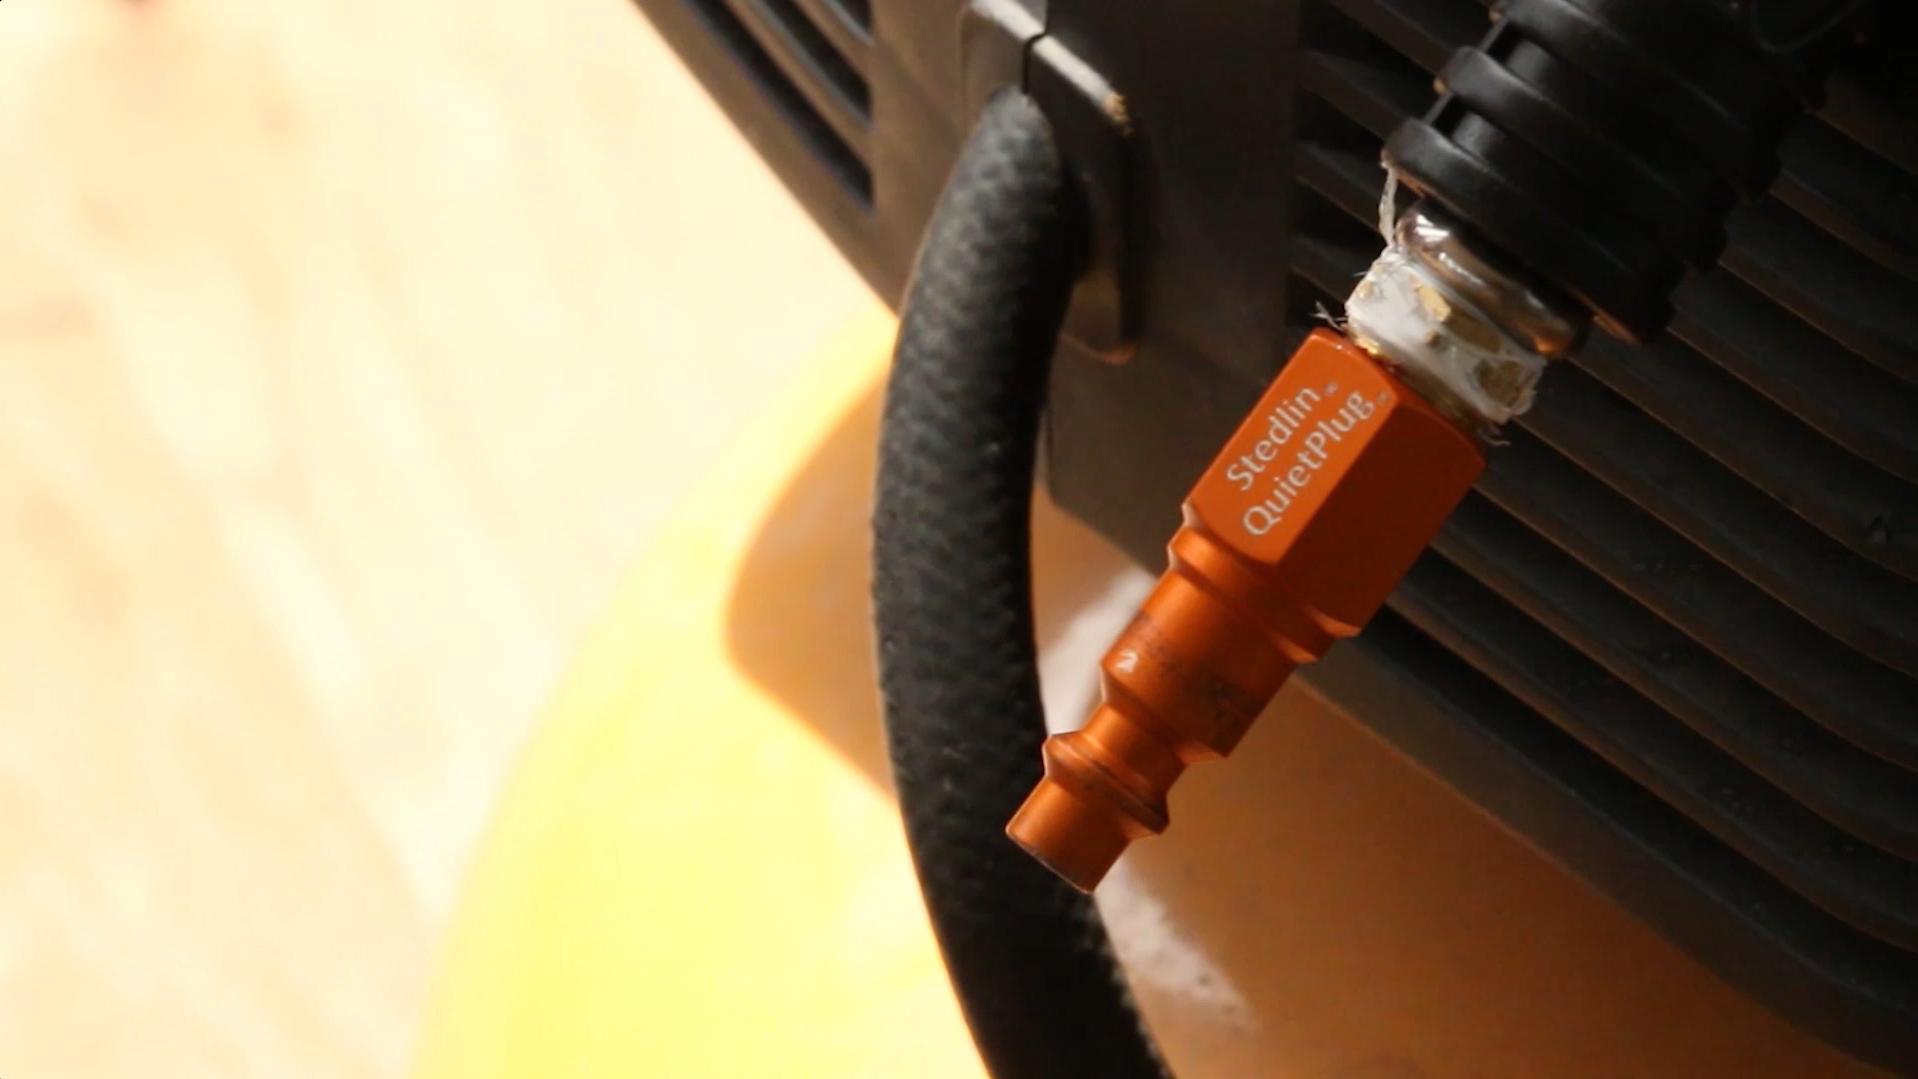 Safety Couplings Vs Smarter Plugs? Let the Debate Begin!